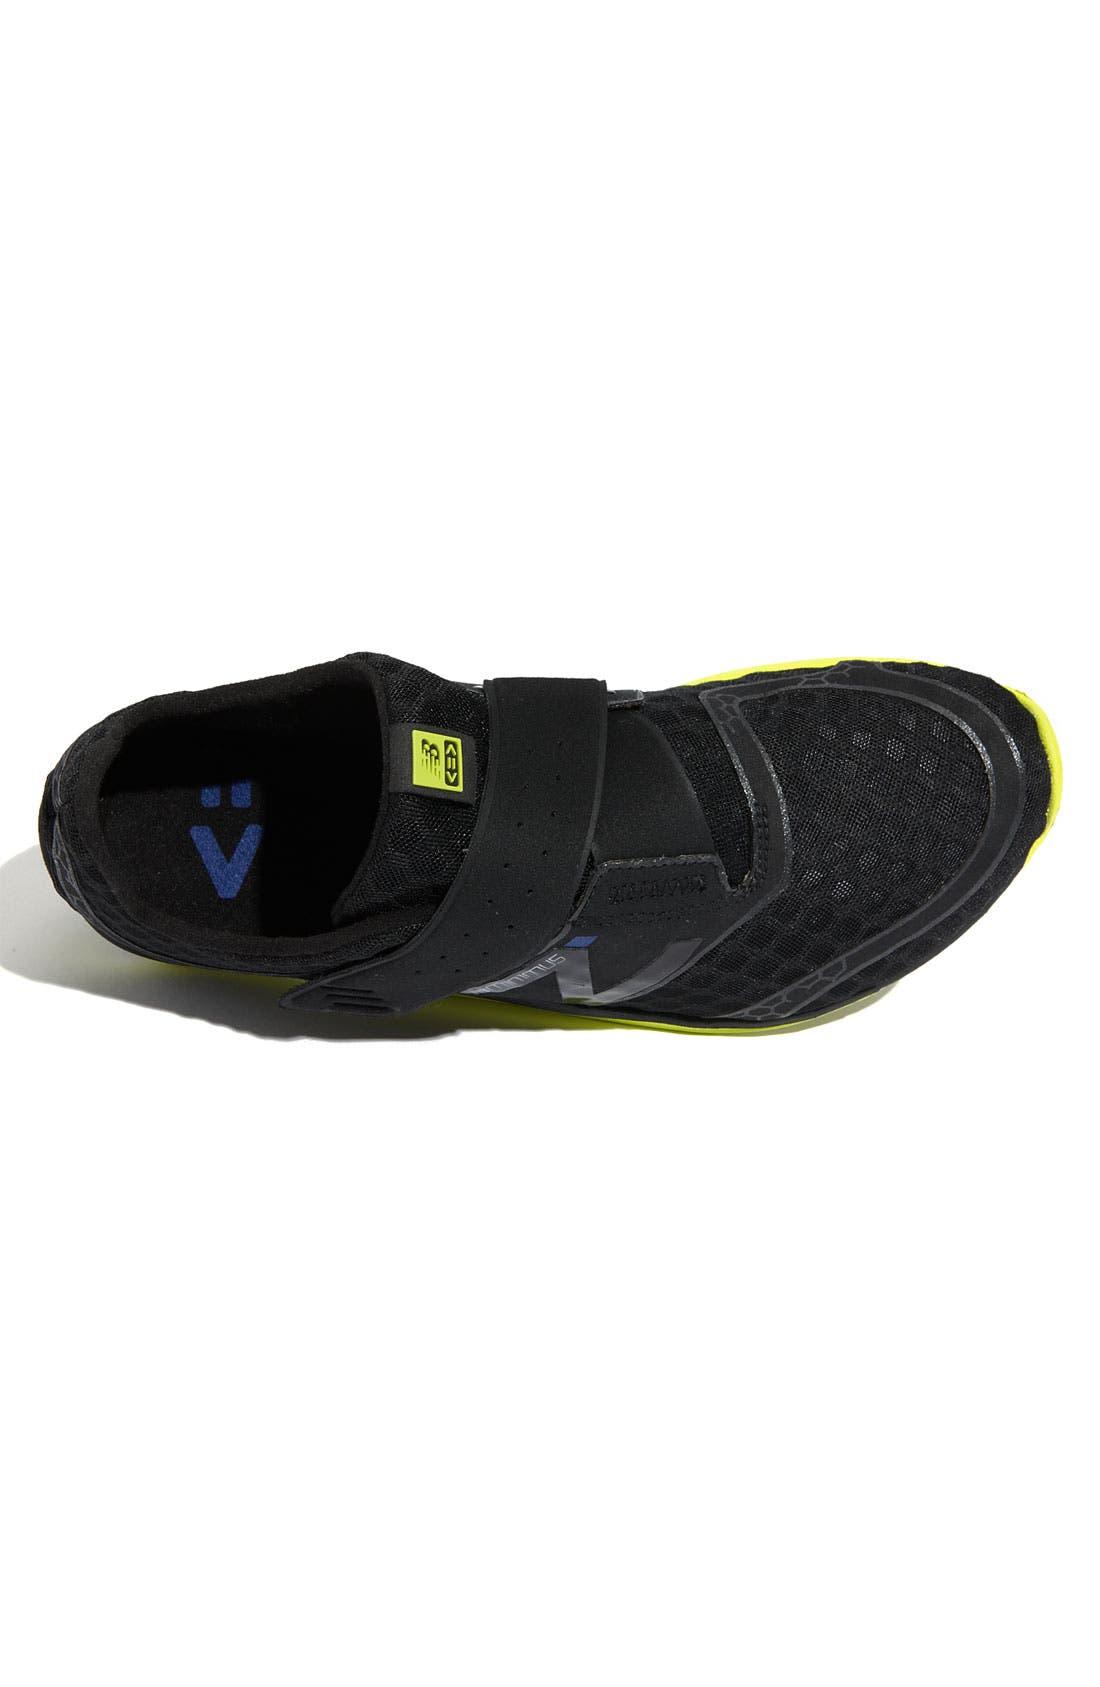 Alternate Image 3  - New Balance 'Minimus' Walking Shoe (Men)